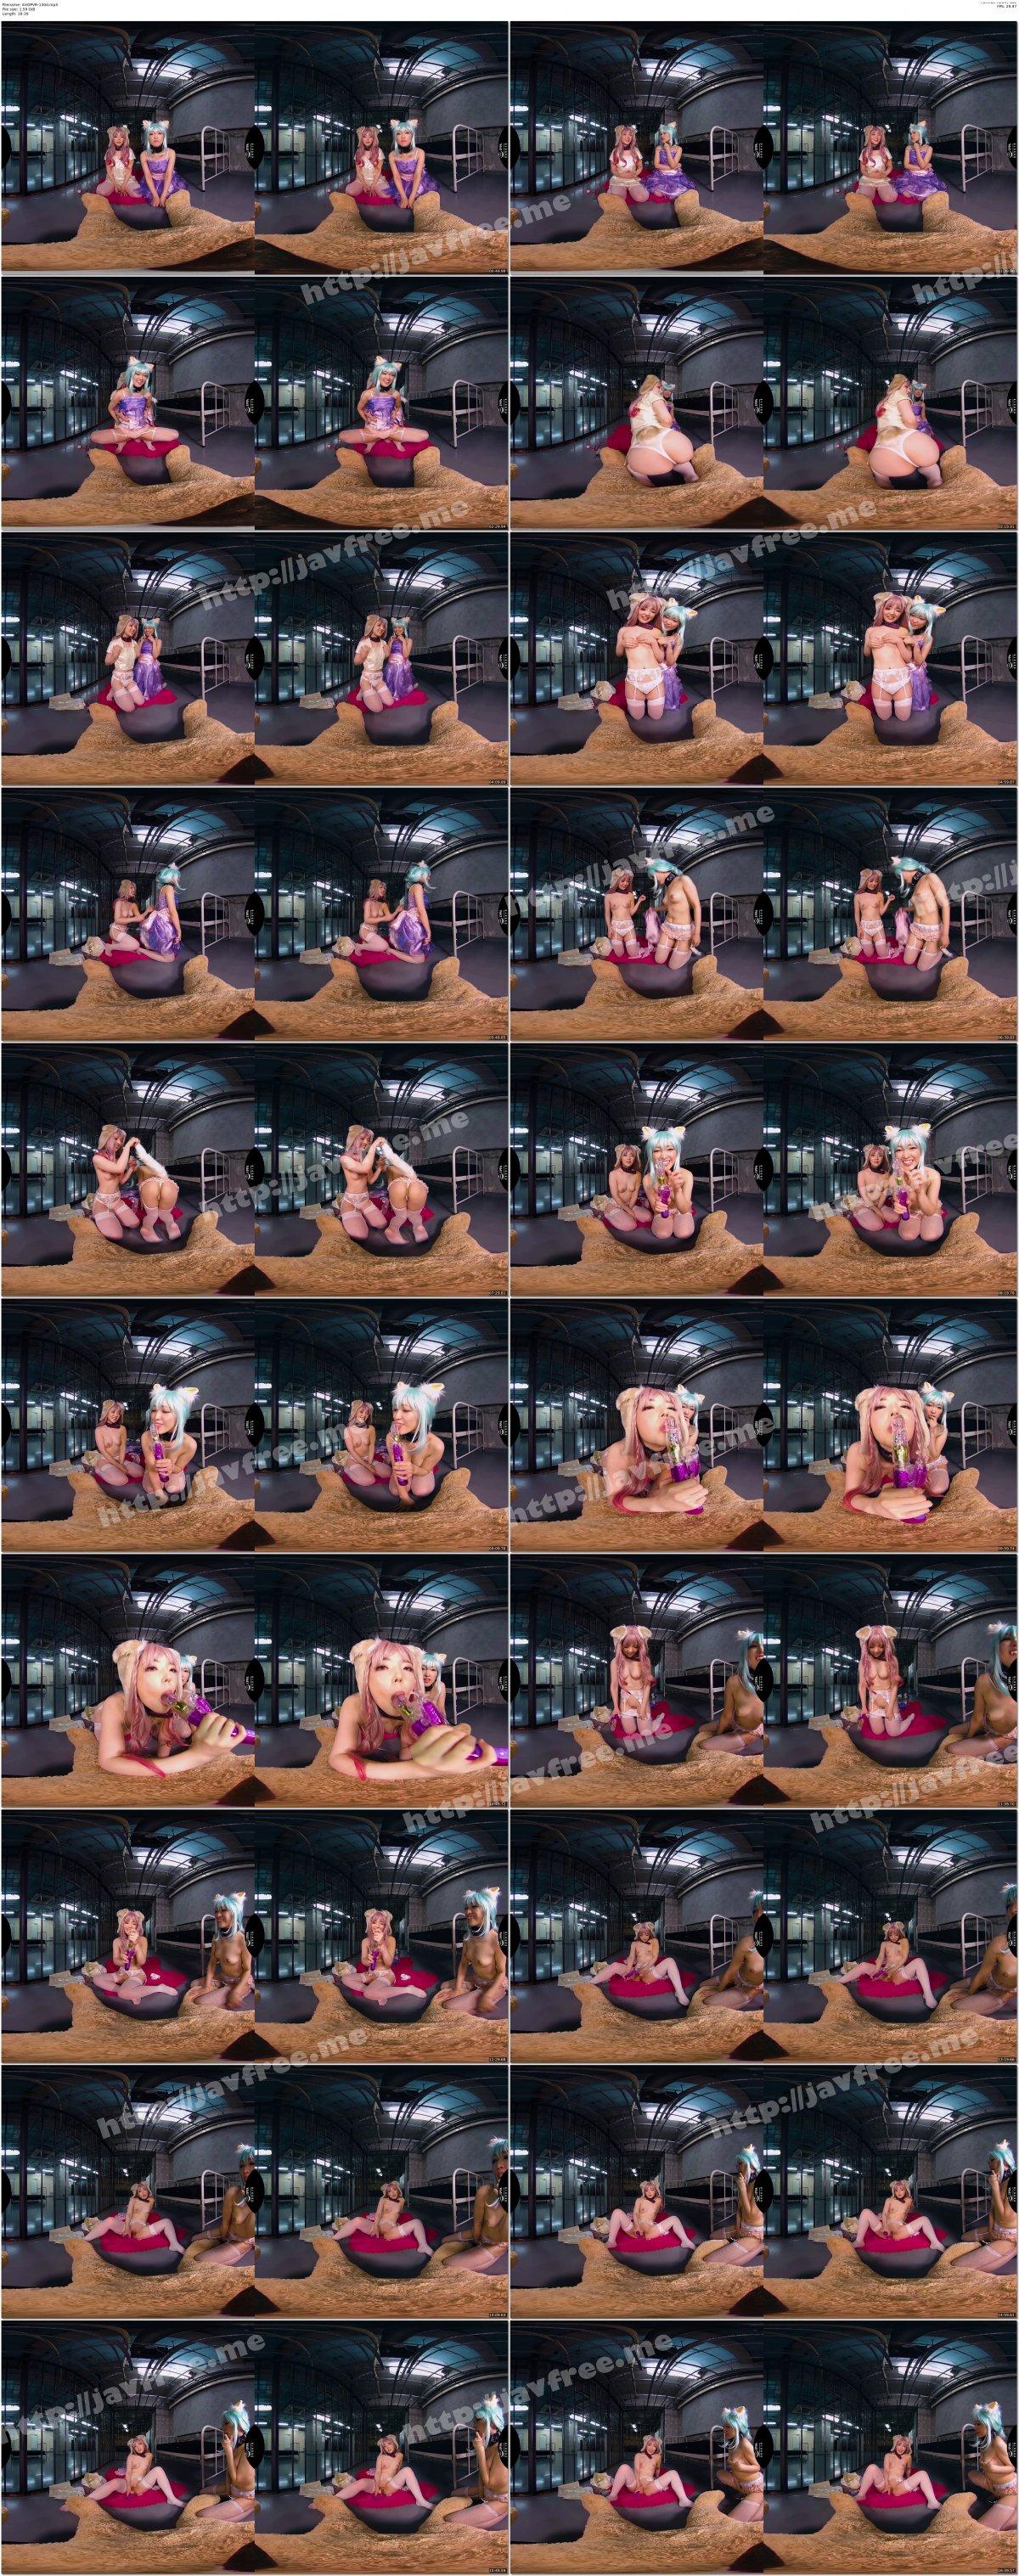 [AVOPVR-130] 【VR】電脳風俗ヨシダサーカス リア&アメリ - image AVOPVR-130d on https://javfree.me